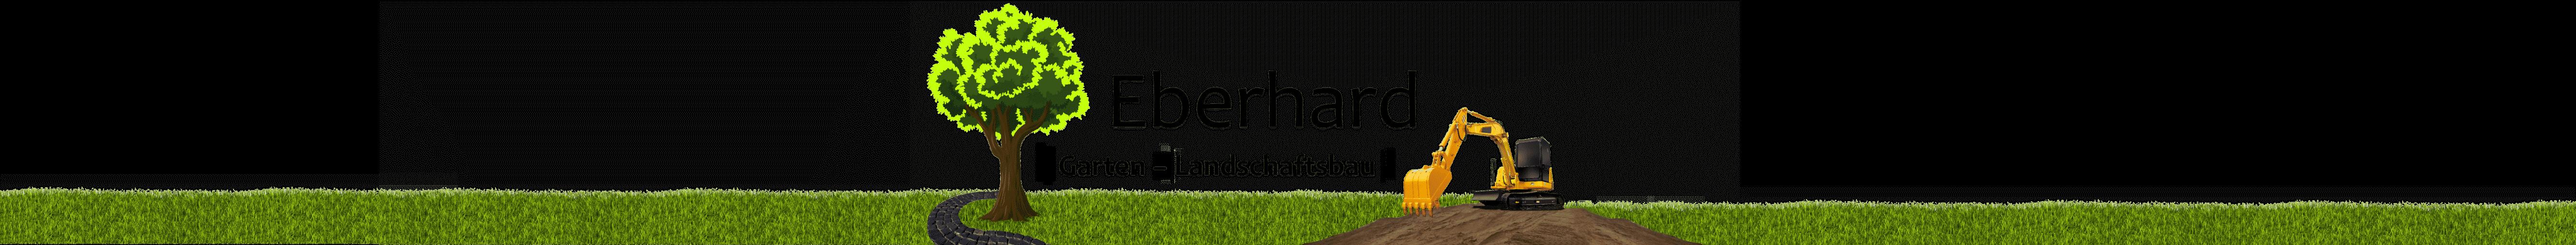 GaLa-Bau Logo Titel 1